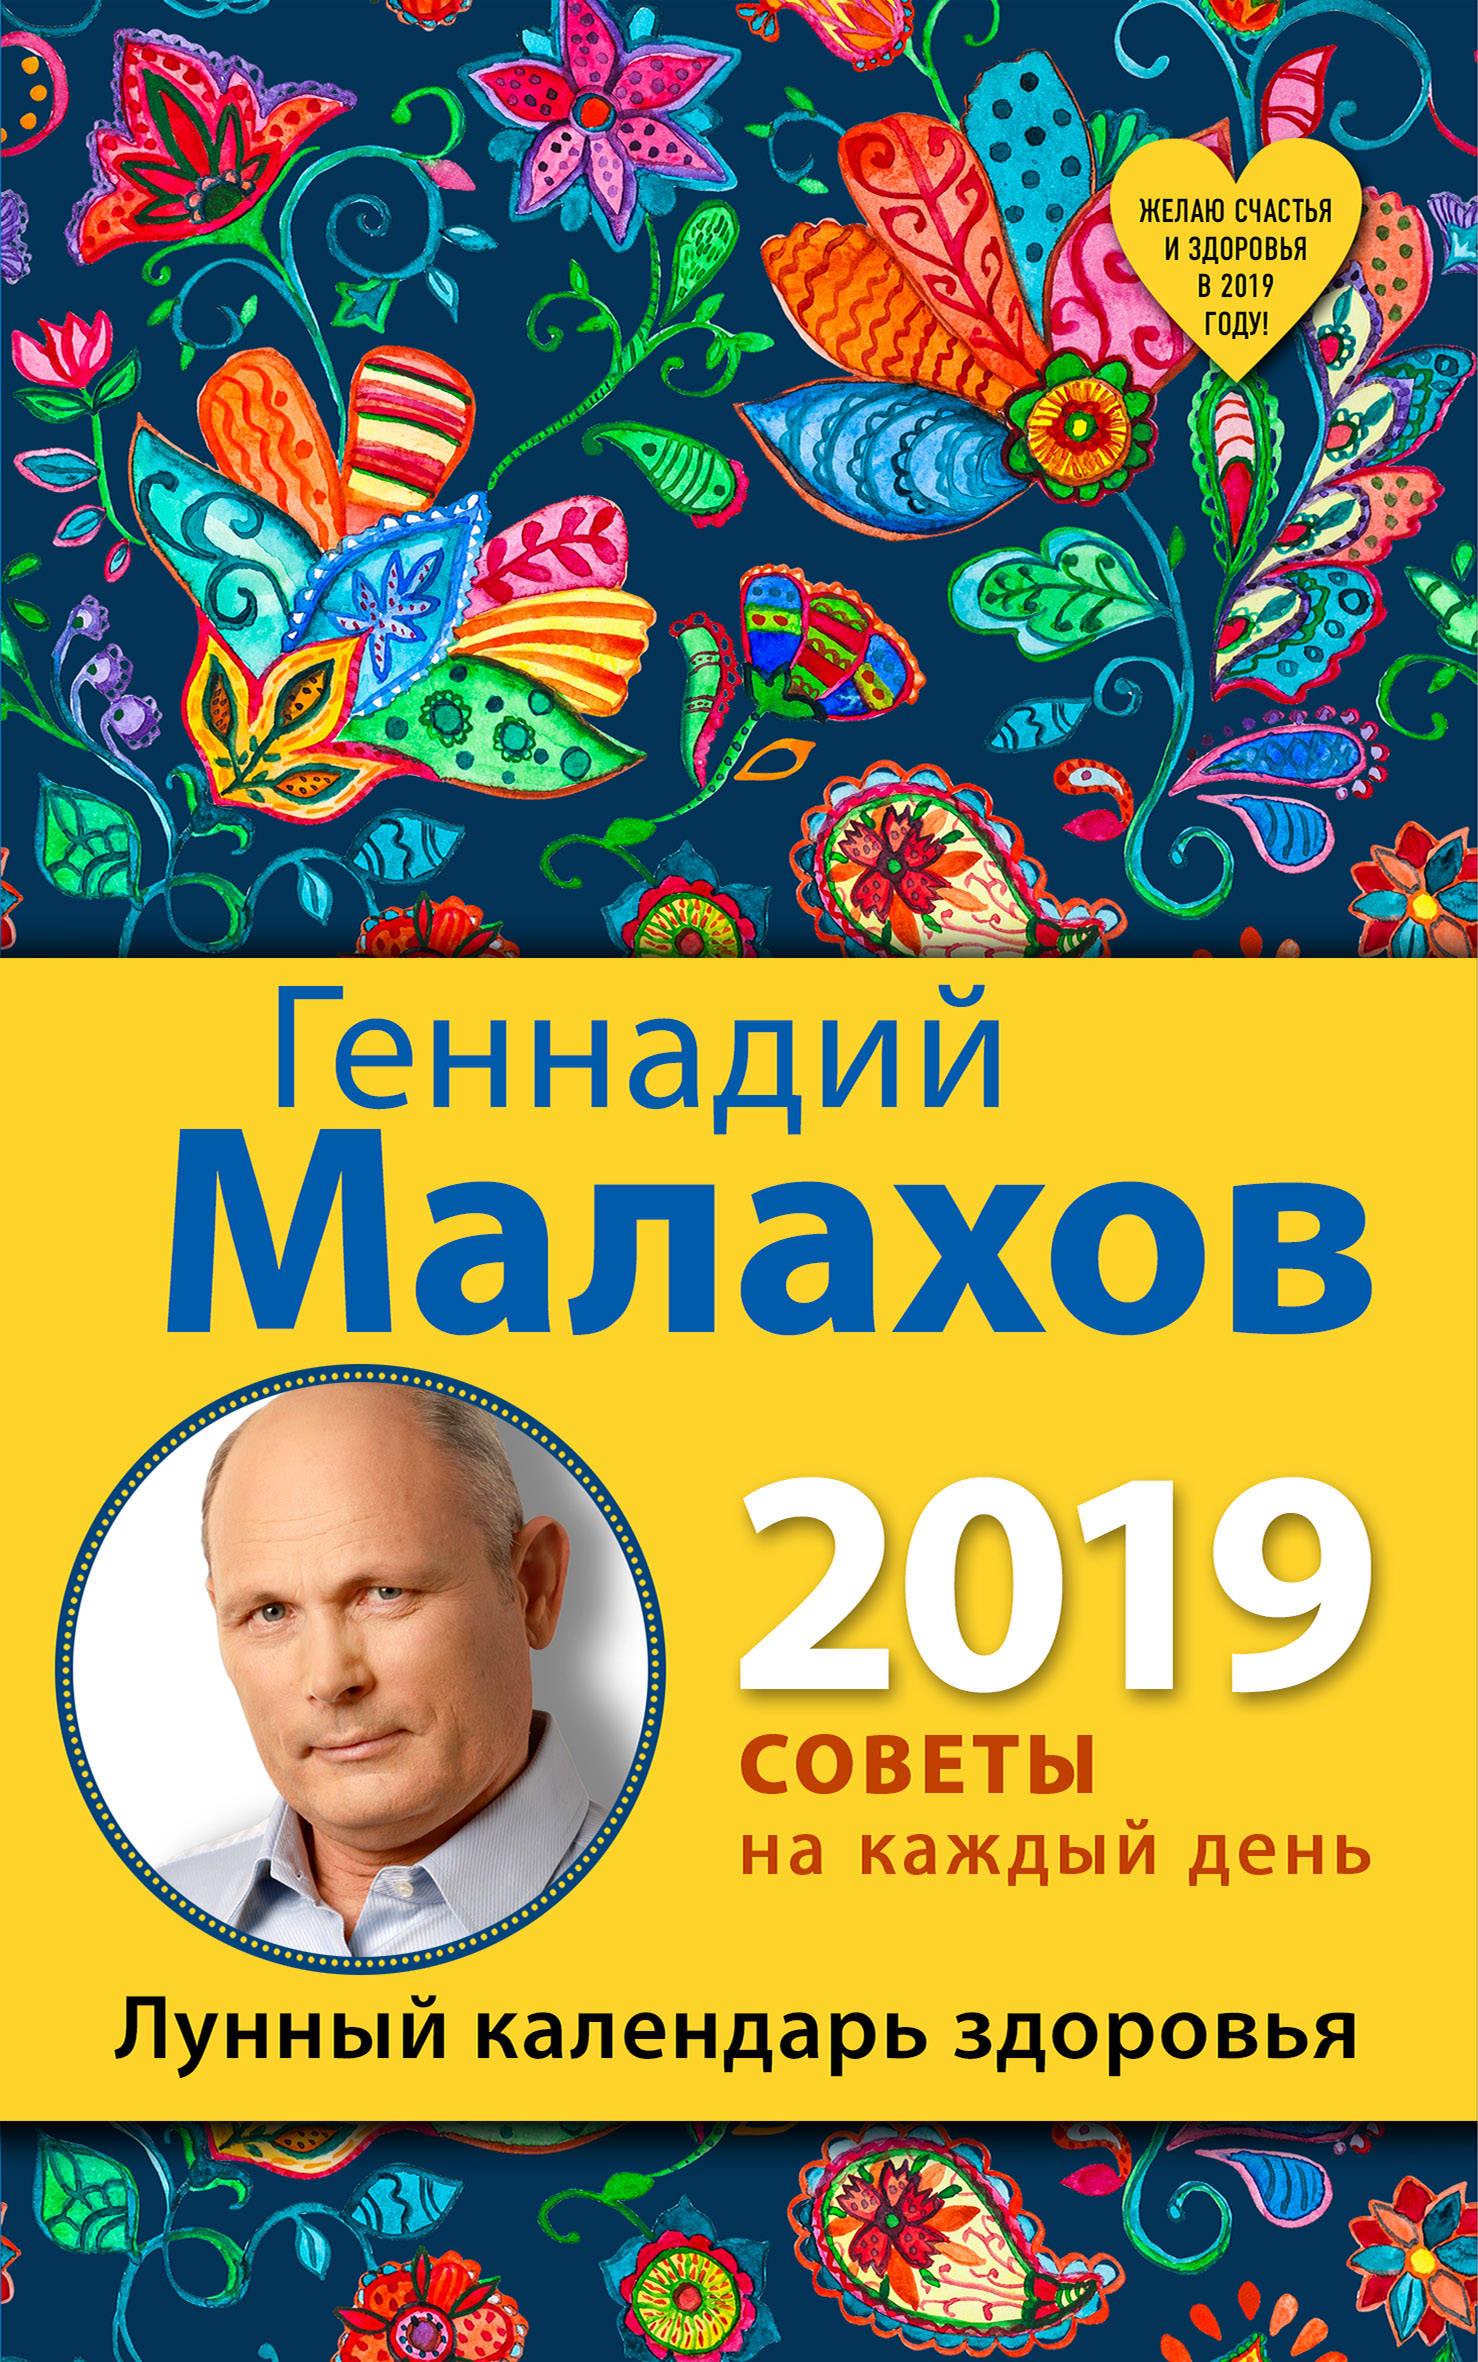 Купить лунный календарь здоровья. 2019 год малахов г. П. | book24. Kz.